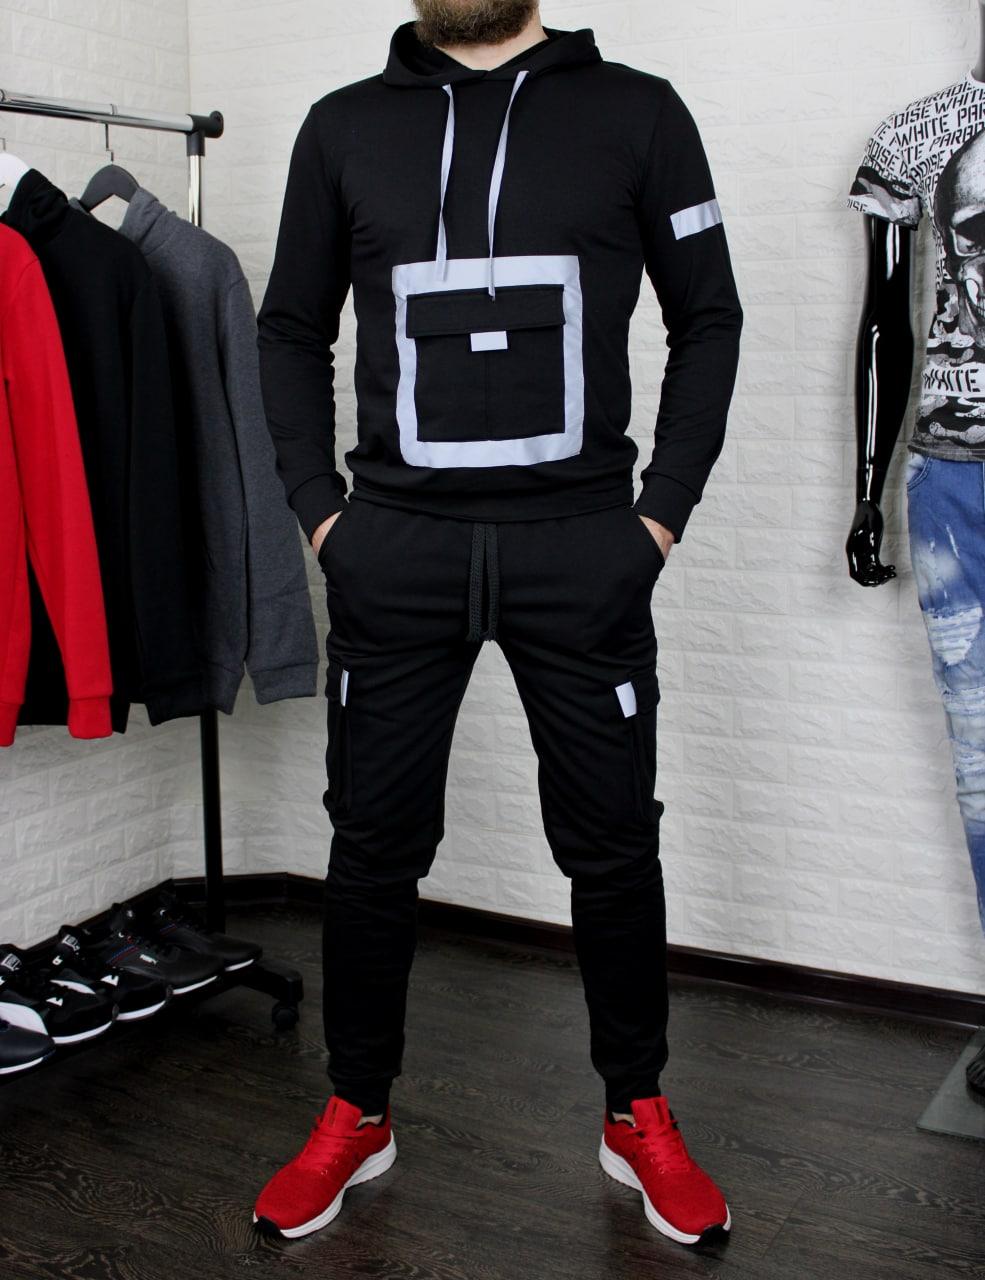 Мужской спортивный костюм чёрныйс рефлективными элементами